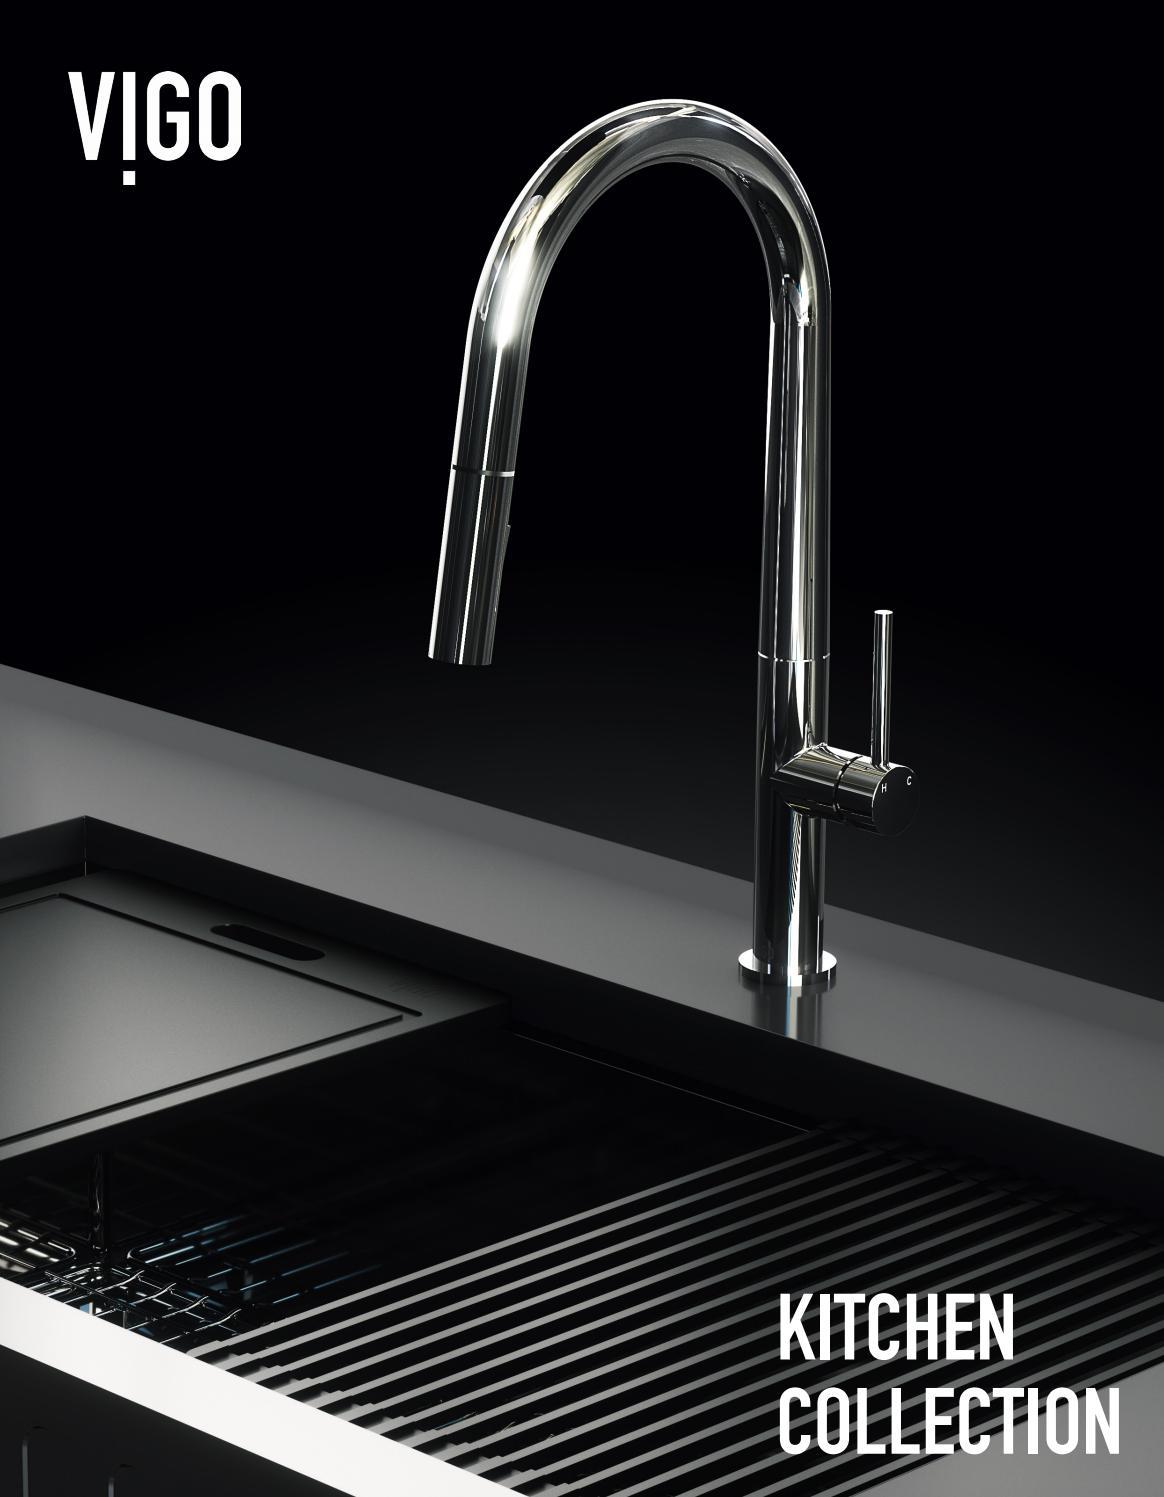 Vigo Laurelton Pull Down Spray Kitchen Faucet In Matte Black vigo 2019 kitchen collection by vigo - issuu